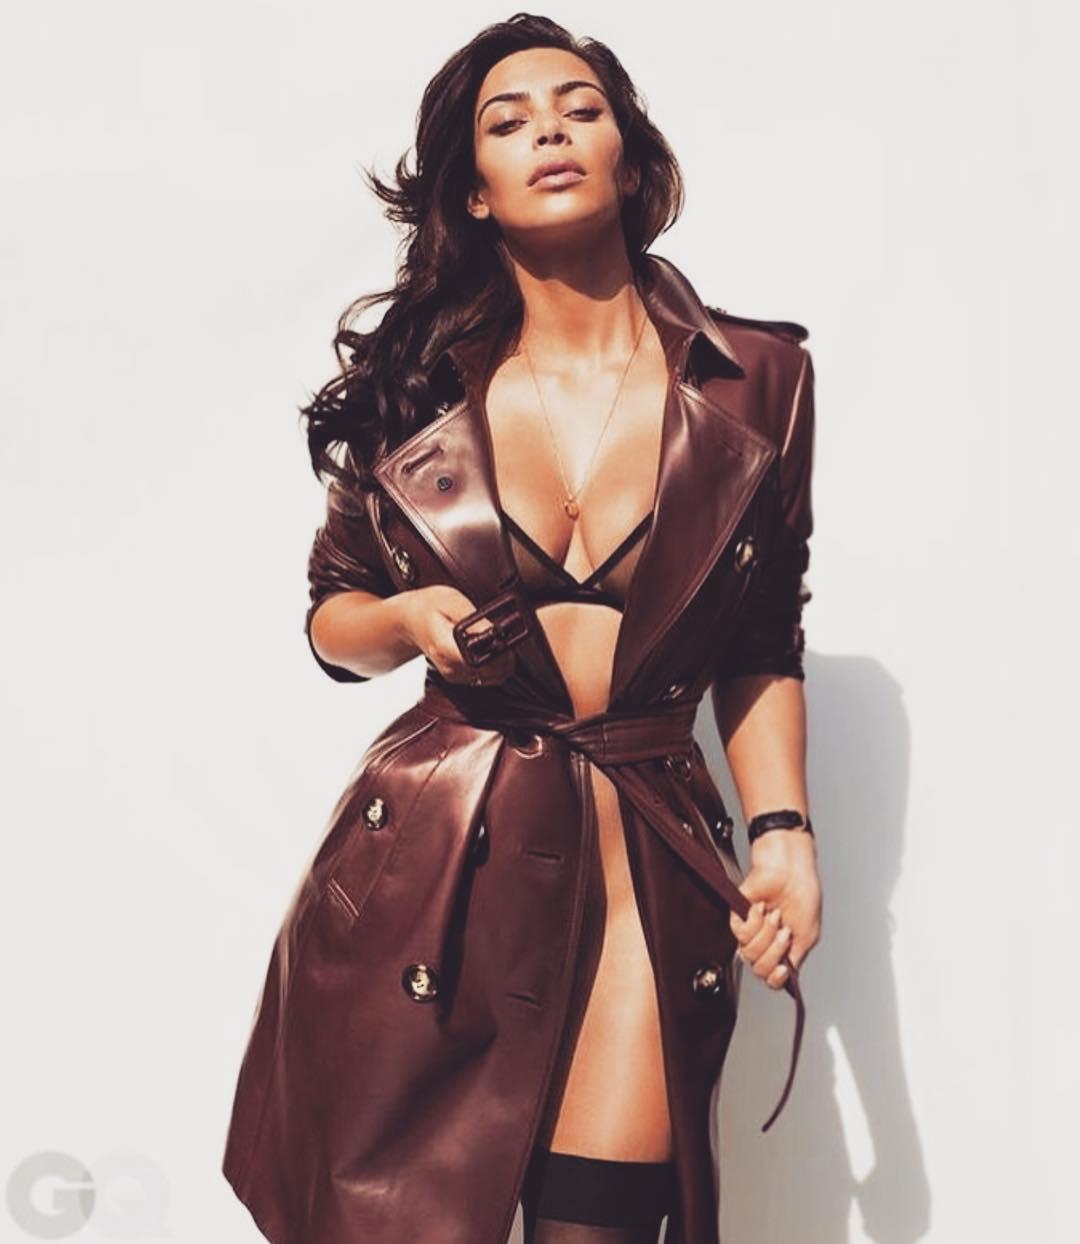 Dünyaca ünlü top model Kim Kardashian bir giyim firması için sexy kıyafetleri ile çok cesur pozlar verdi. Foto galeriyi görüntülemek için buraya tıklayın.